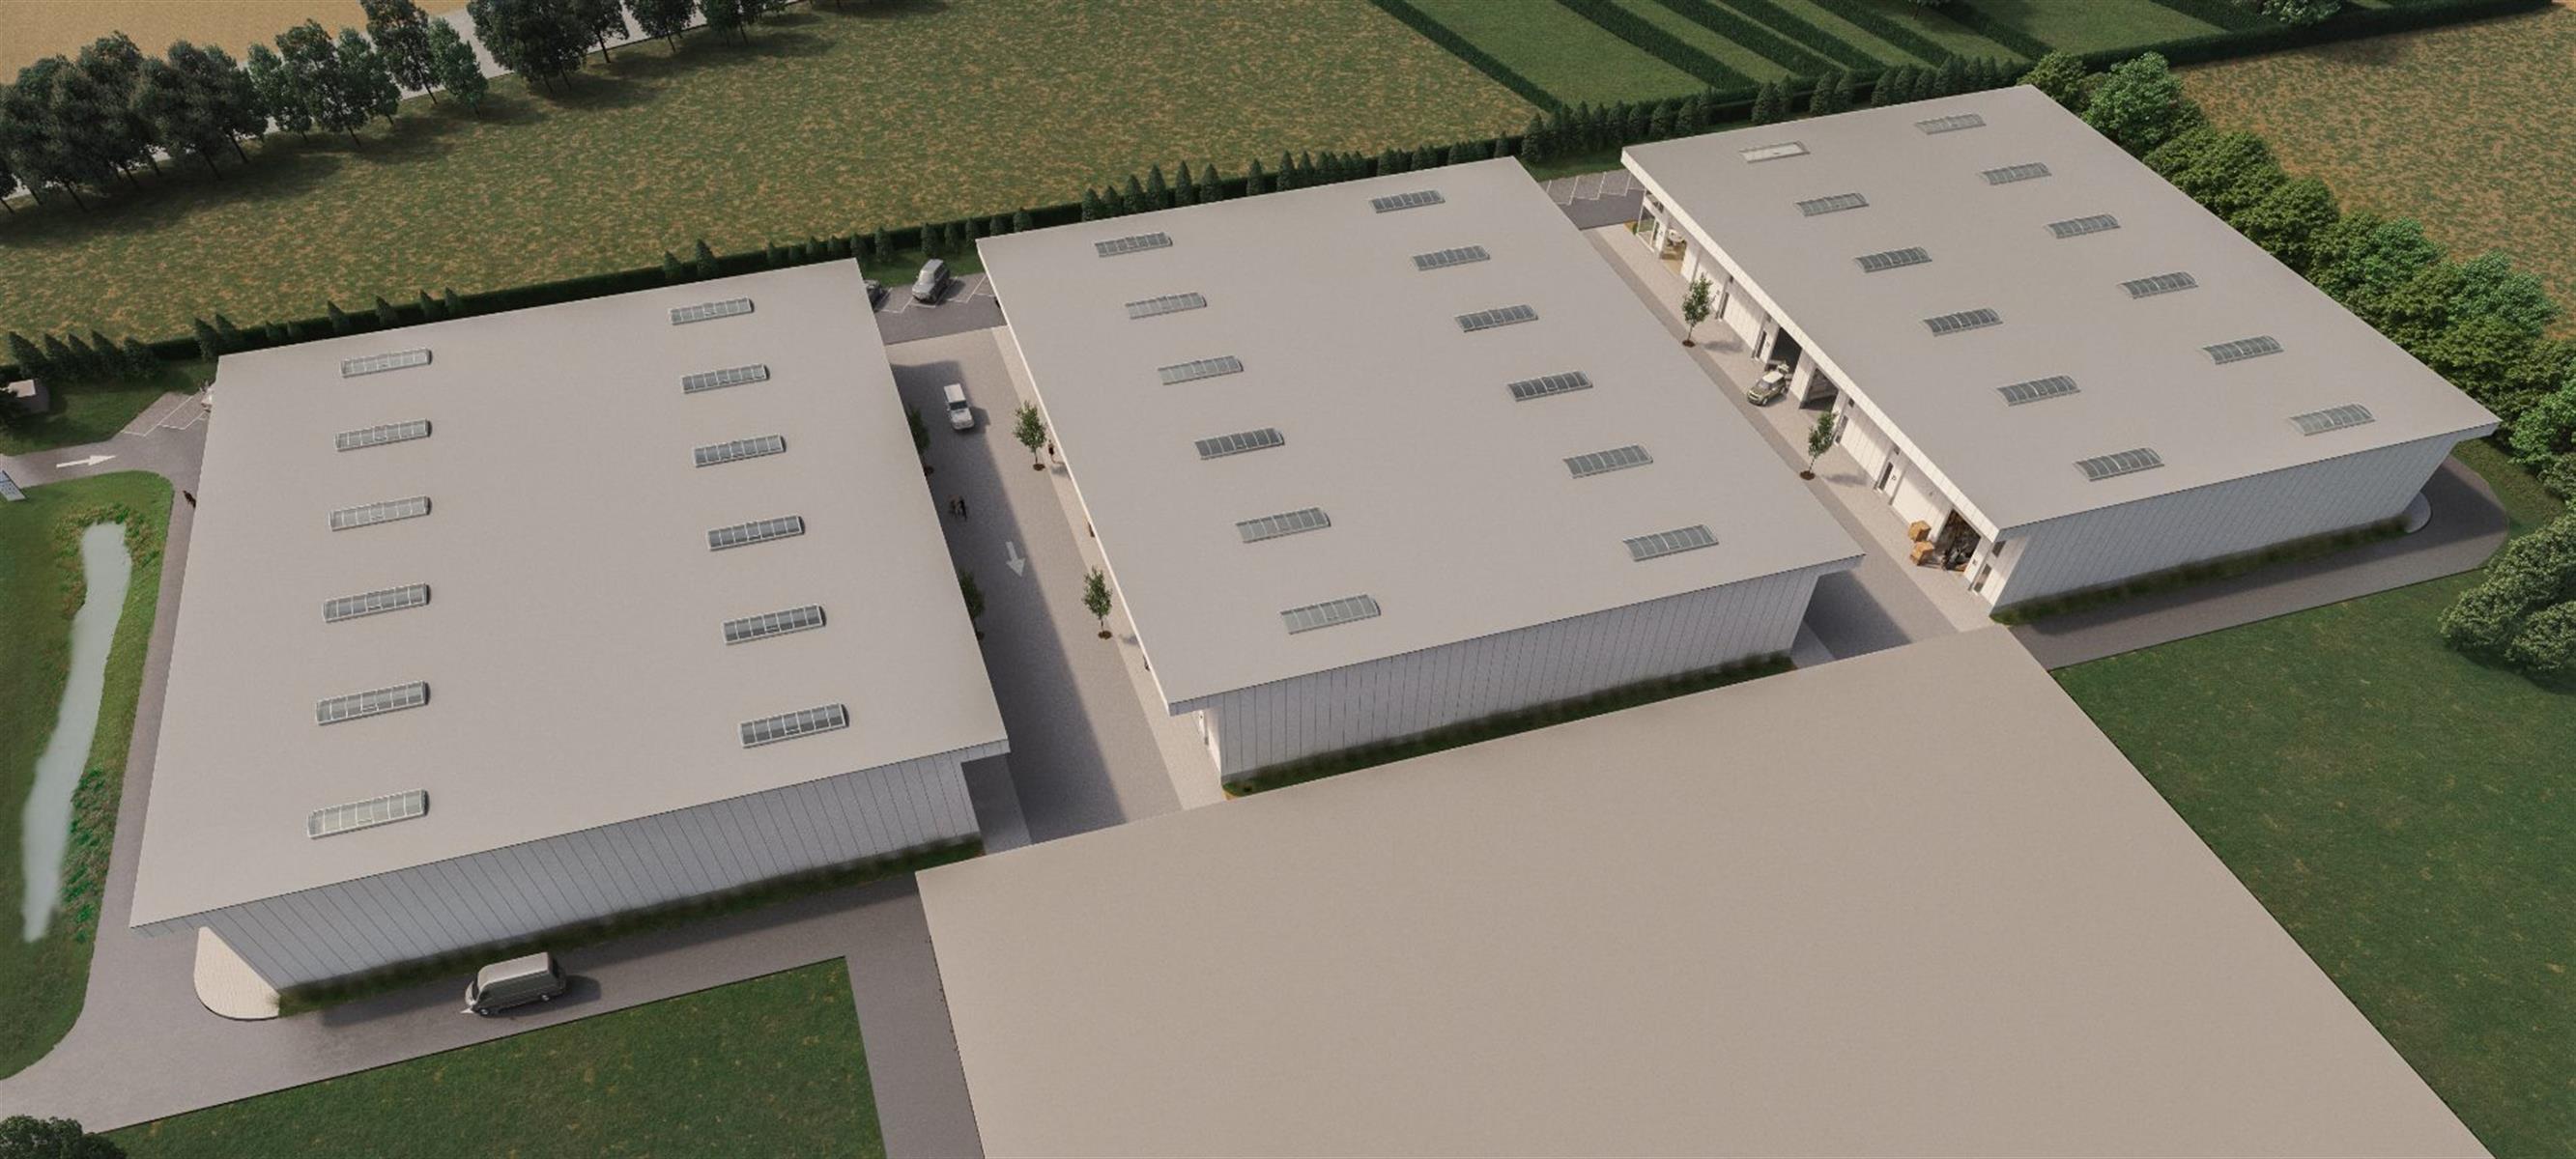 KMO-unit te koop UNIT 027 - Endepoelstraat 3, 3210 Lubbeek, België 22